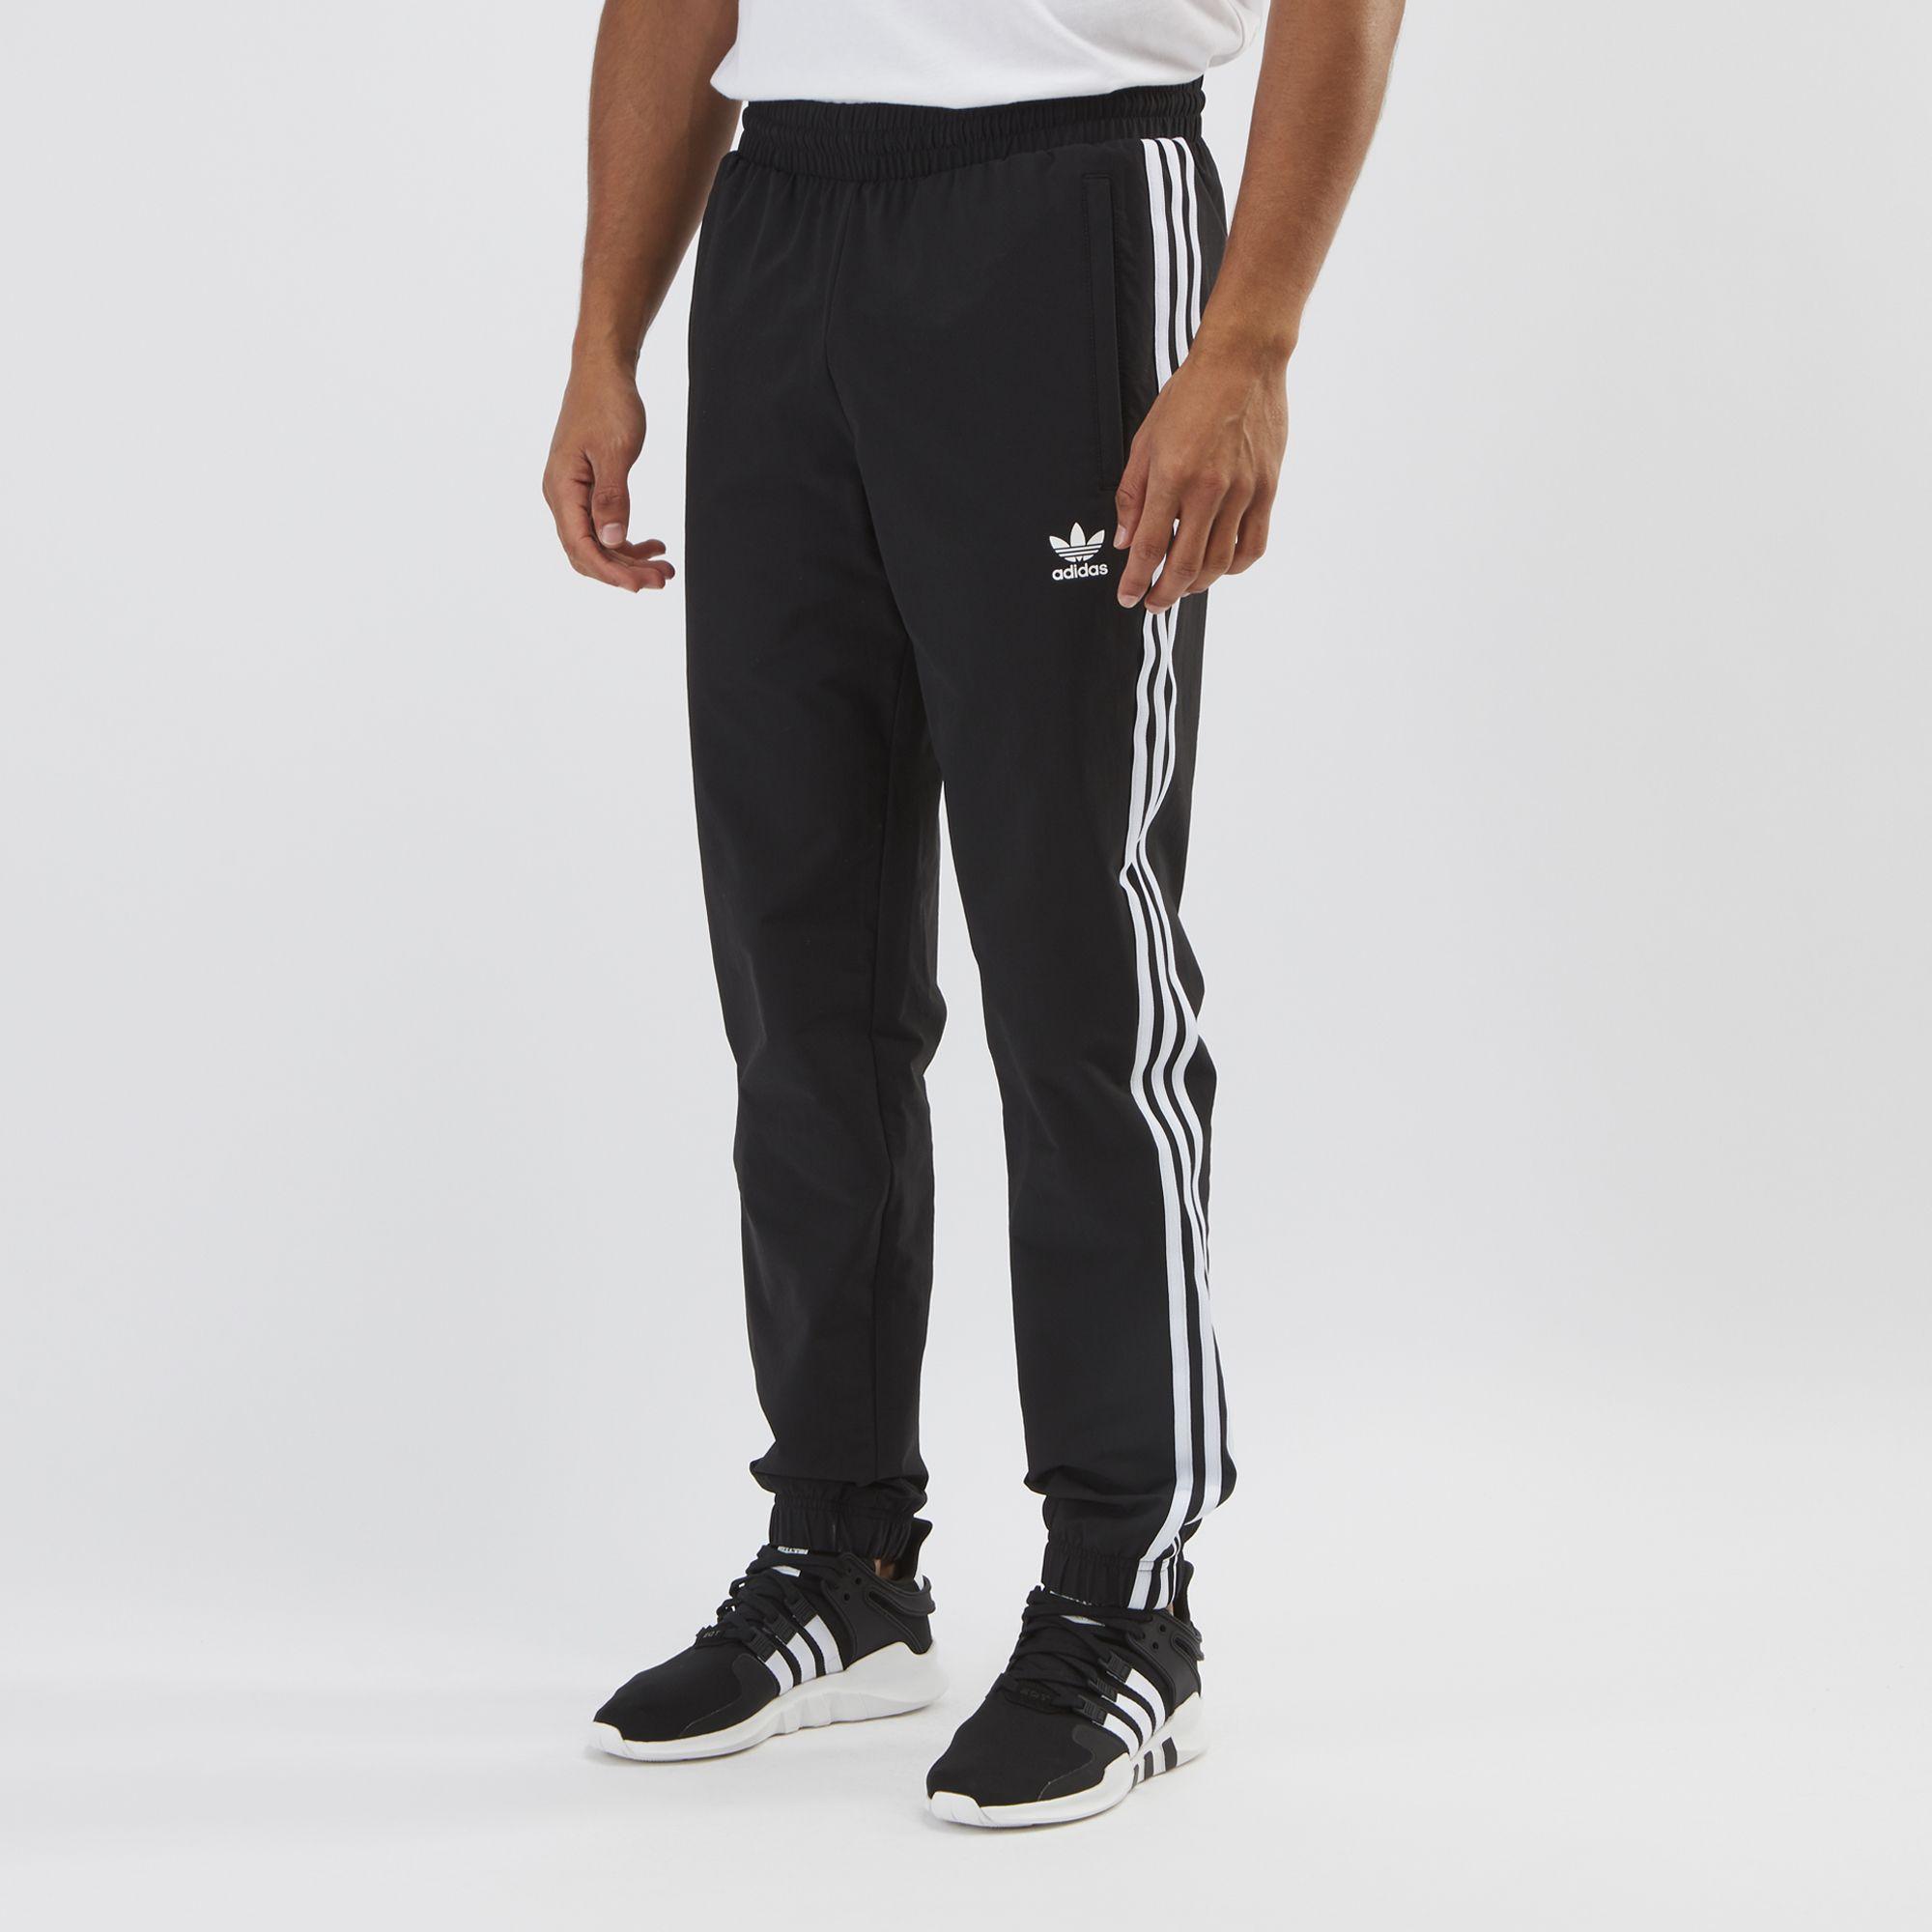 adidas Originals Warm Up Track Pants  a38c15f779e1